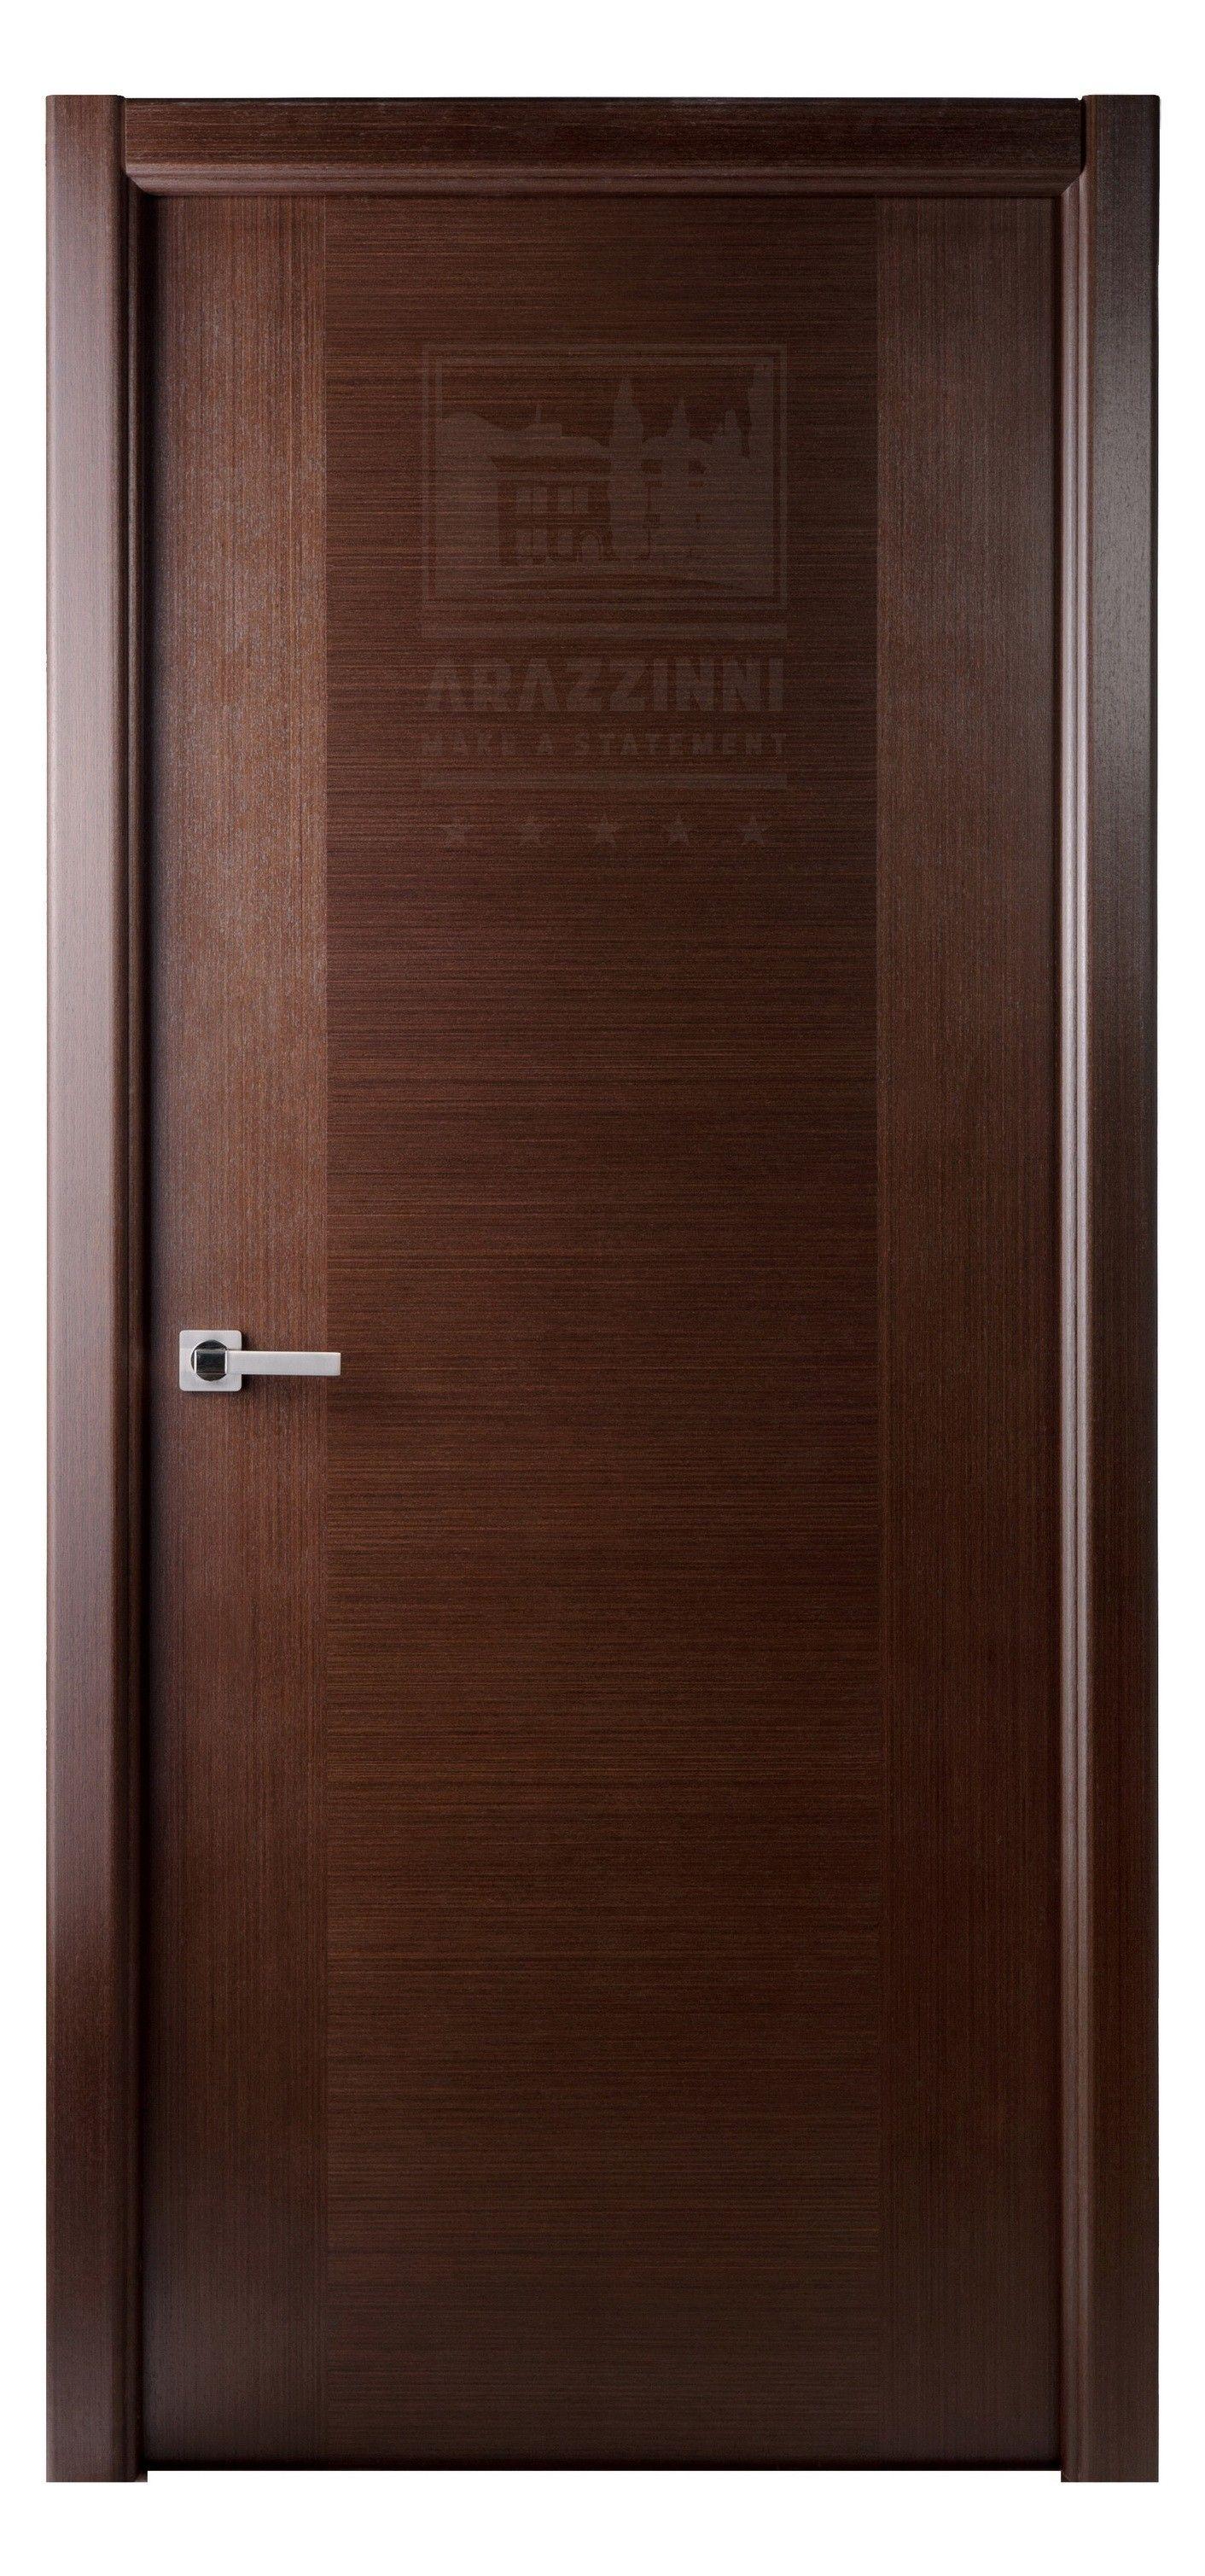 Classica Lux Interior Door Wenge & Classica Lux Interior Door Wenge | Exotic Wood Veneer Doors ... pezcame.com